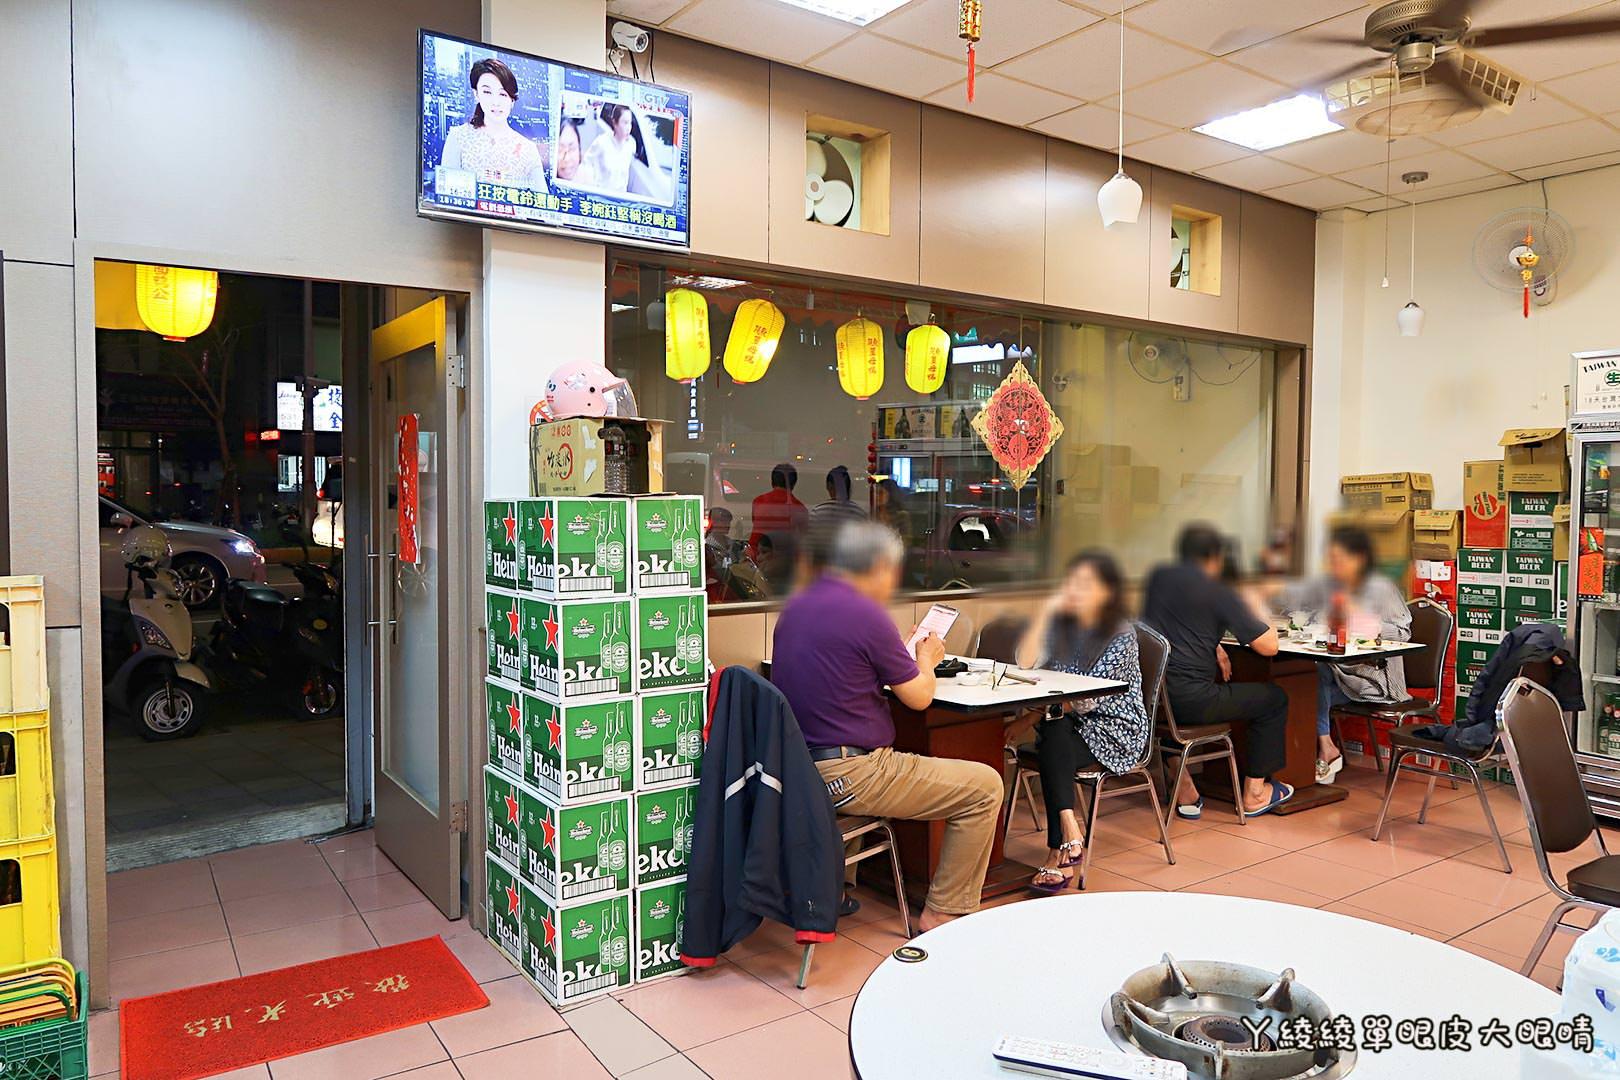 新竹好吃薑母鴨推薦《山林薑母鴨》,宵夜揪團吃鴛鴦薑母雞!竹北分店新開幕!價格|菜單|營業時間